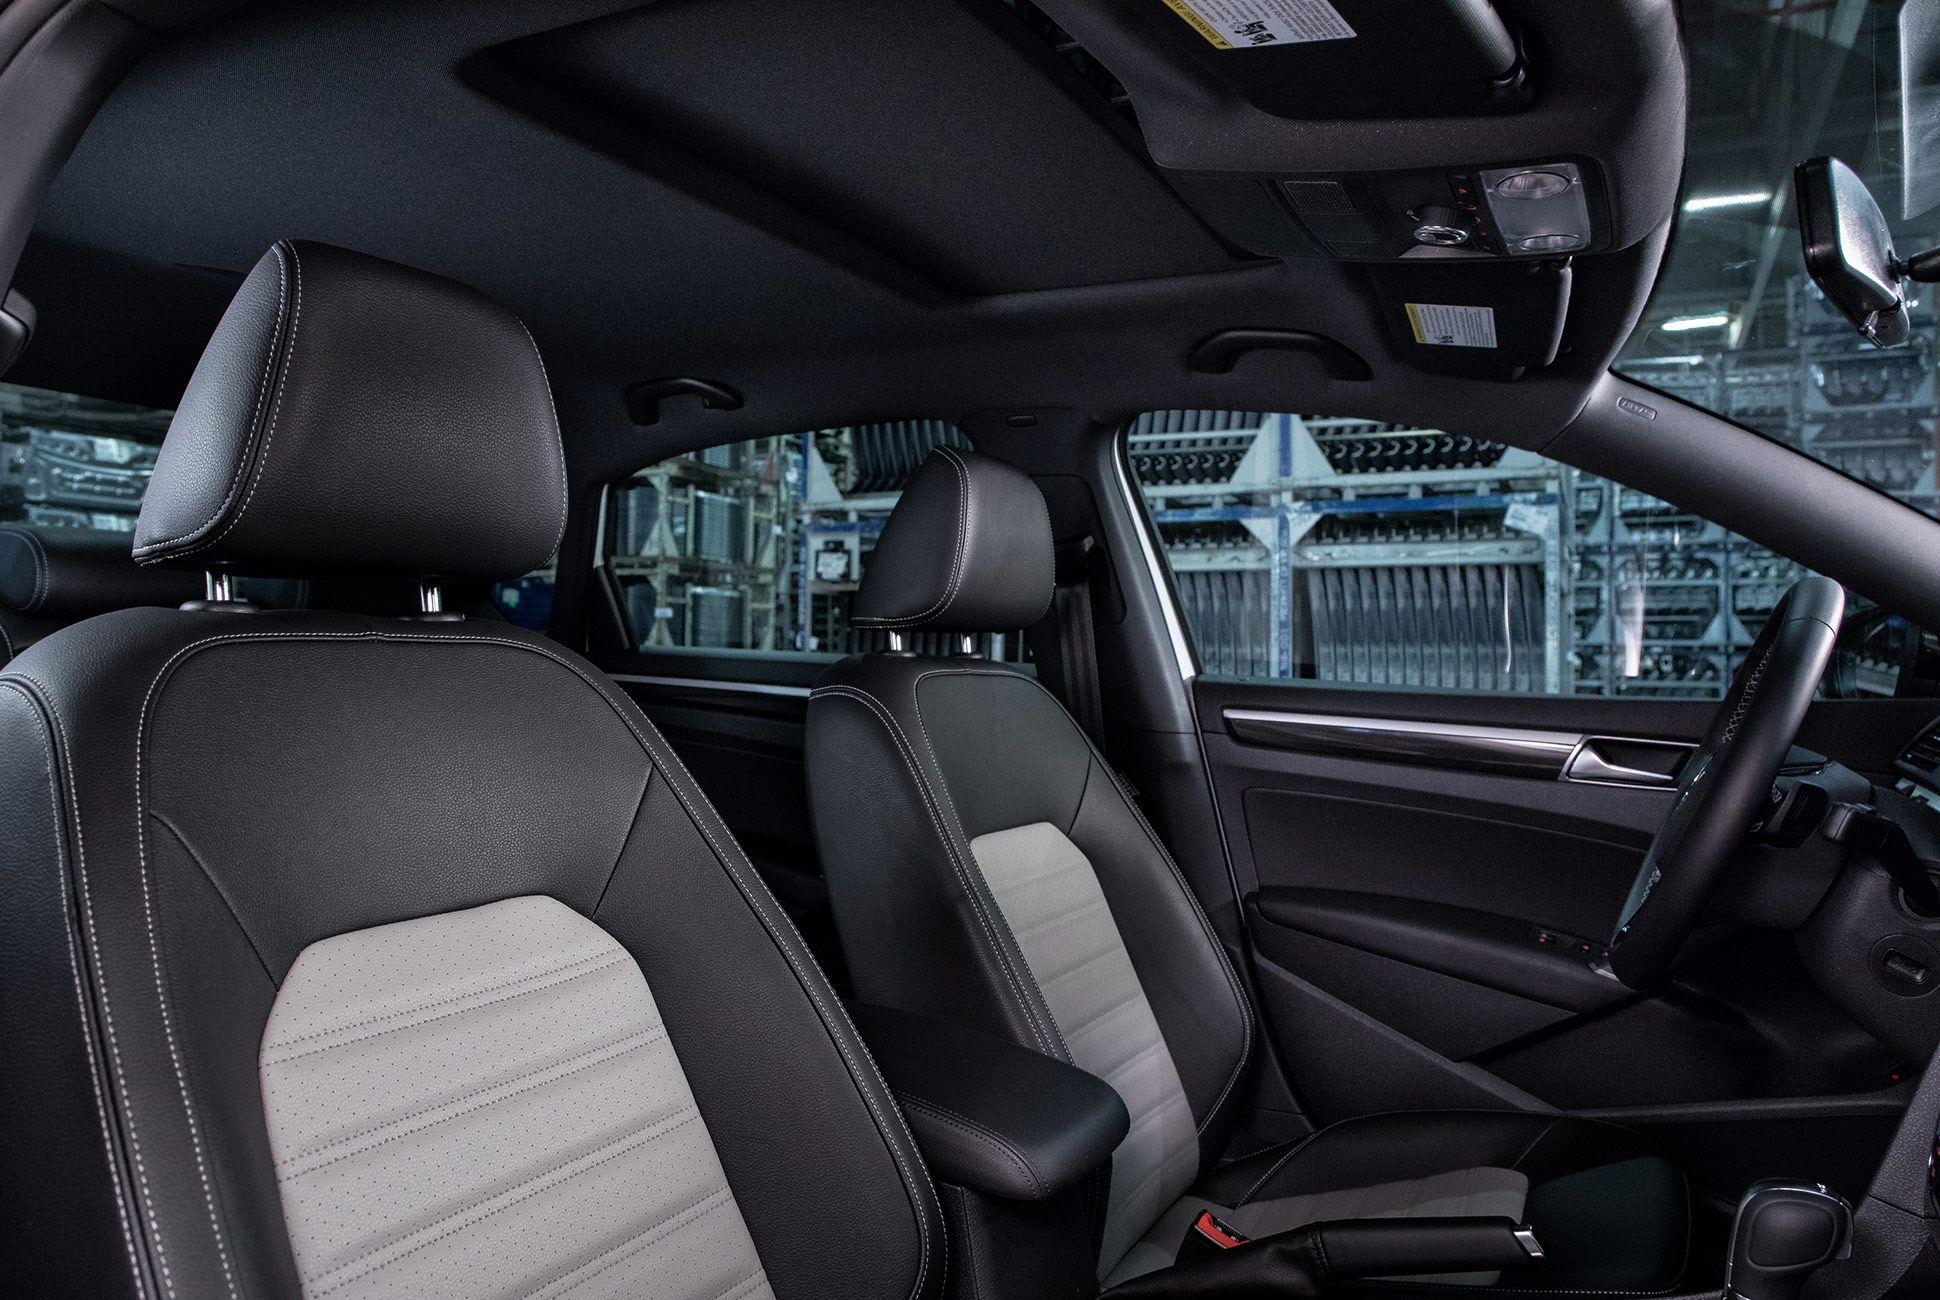 Volkswagen-GT-Passat-gear-patrol-8